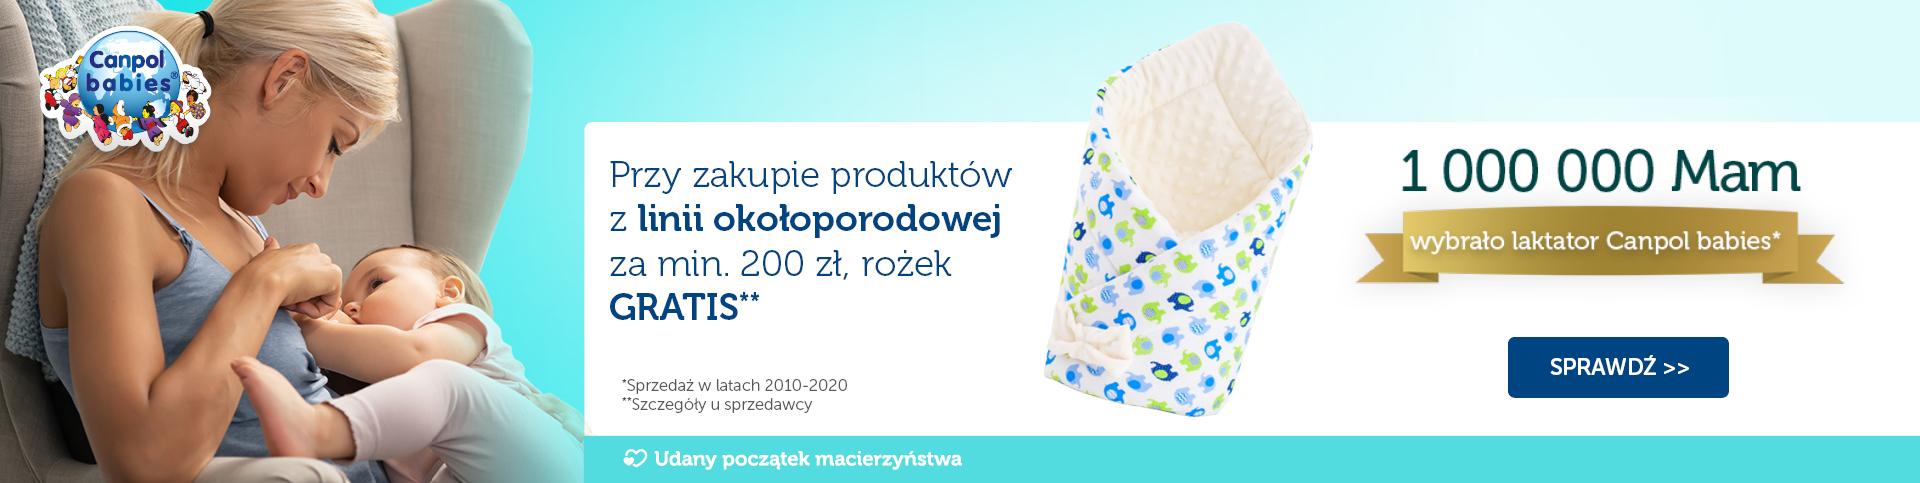 Canpol Babies - kampania okołoporodowa